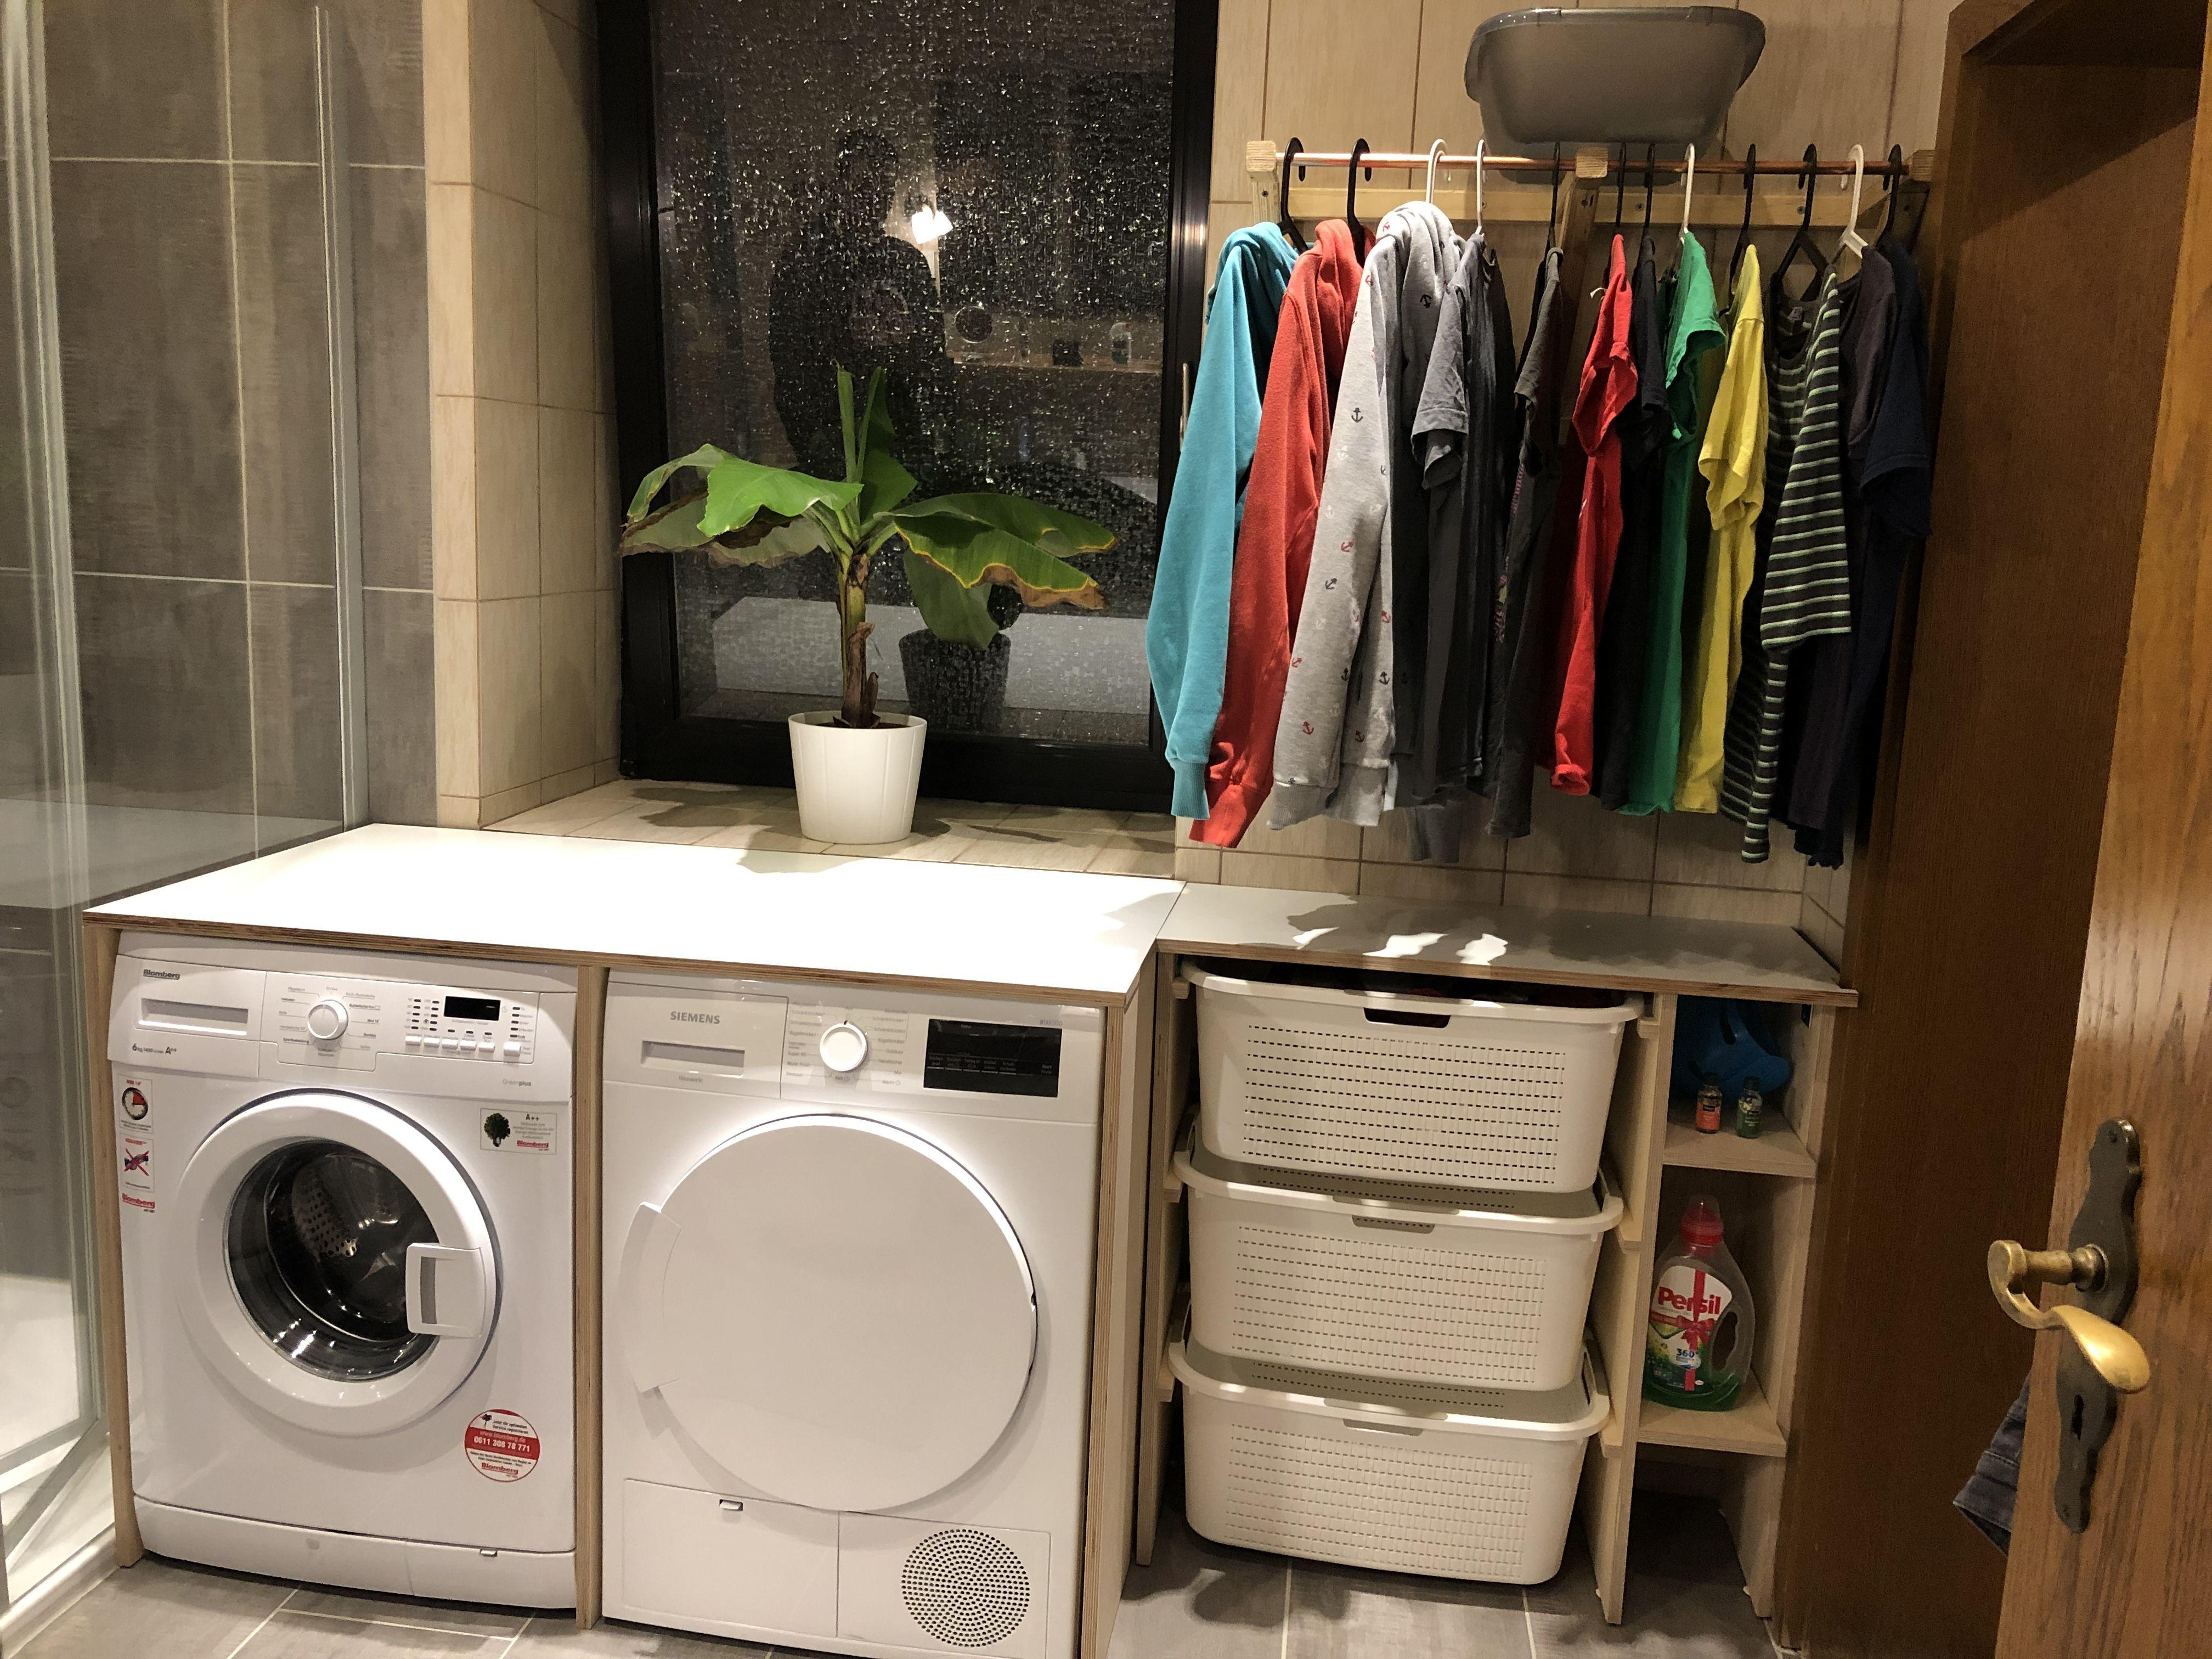 Pin Von Sabine Auf Waschmaschine Waschtrockner Mit Bildern